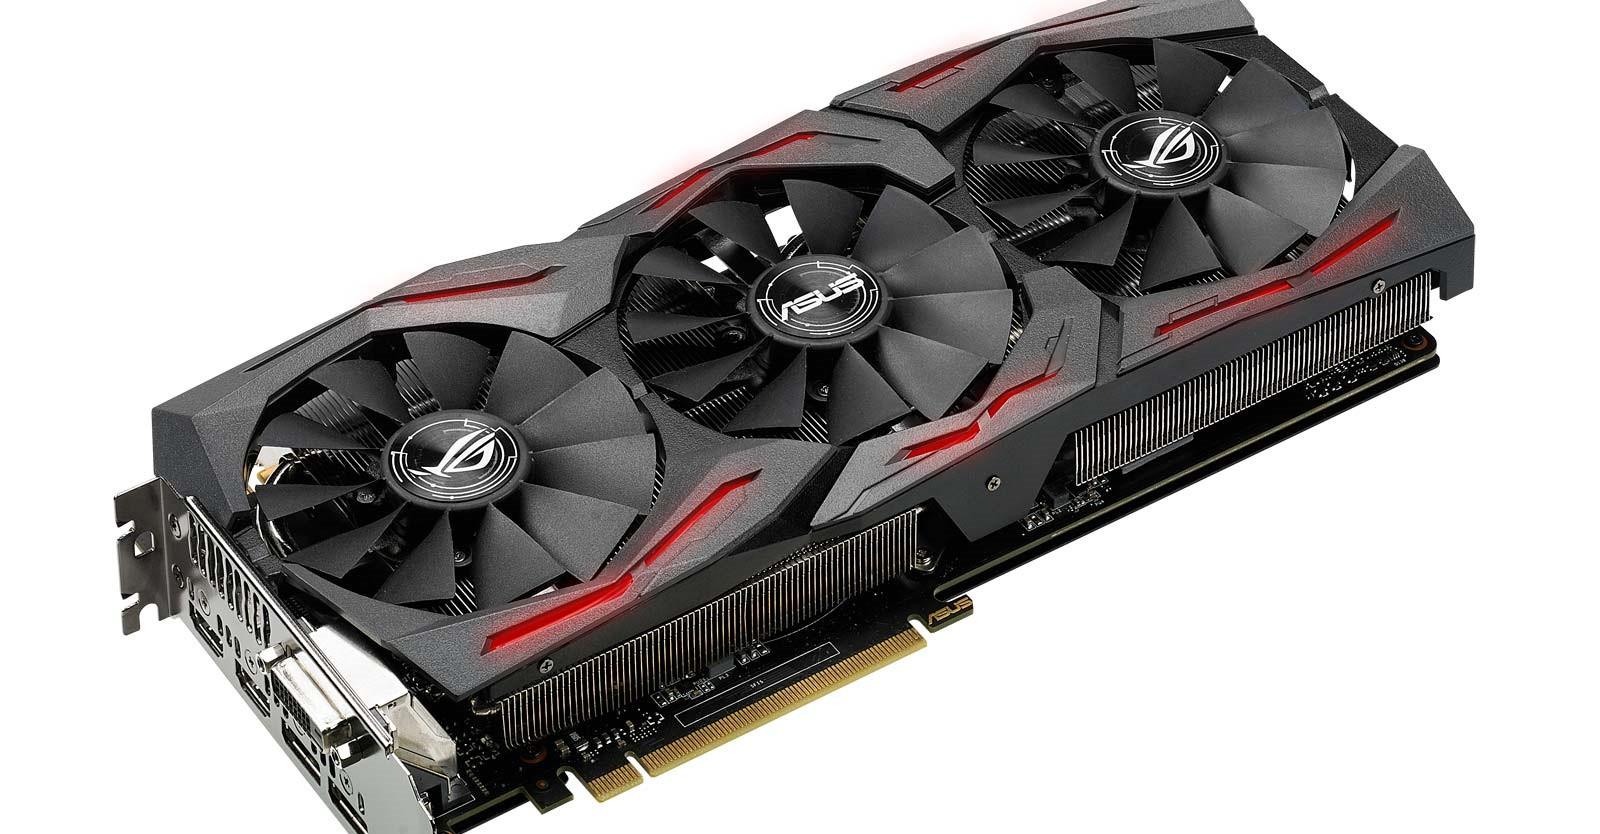 Strix GeForce GTX 1080